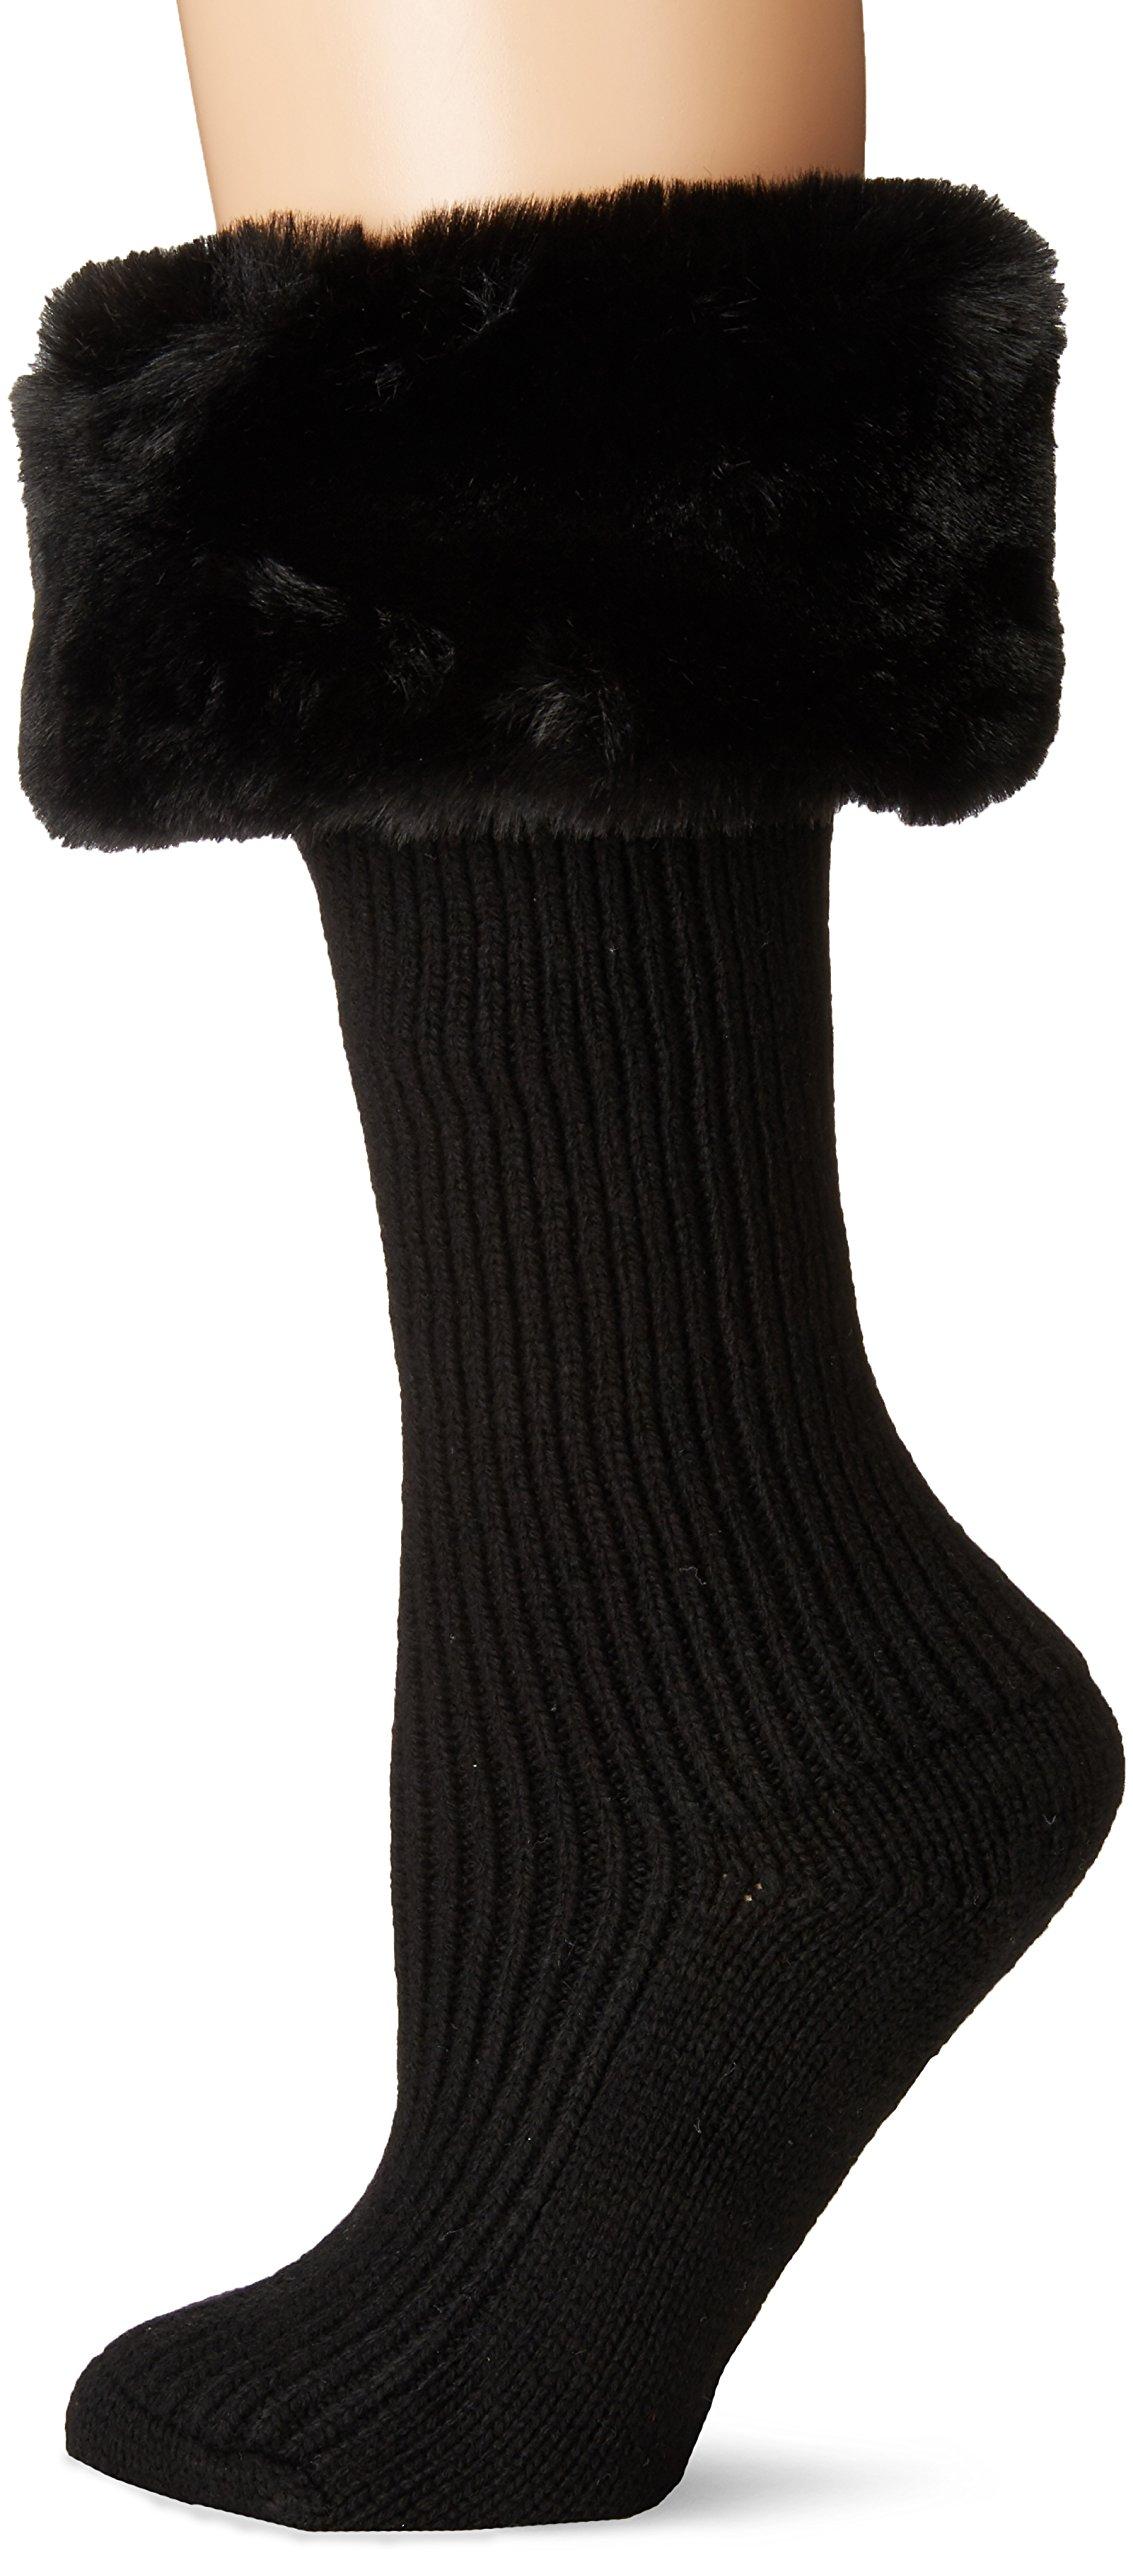 UGG Women's Faux Fur Cuff Tall Rainboot Sock, black O/S